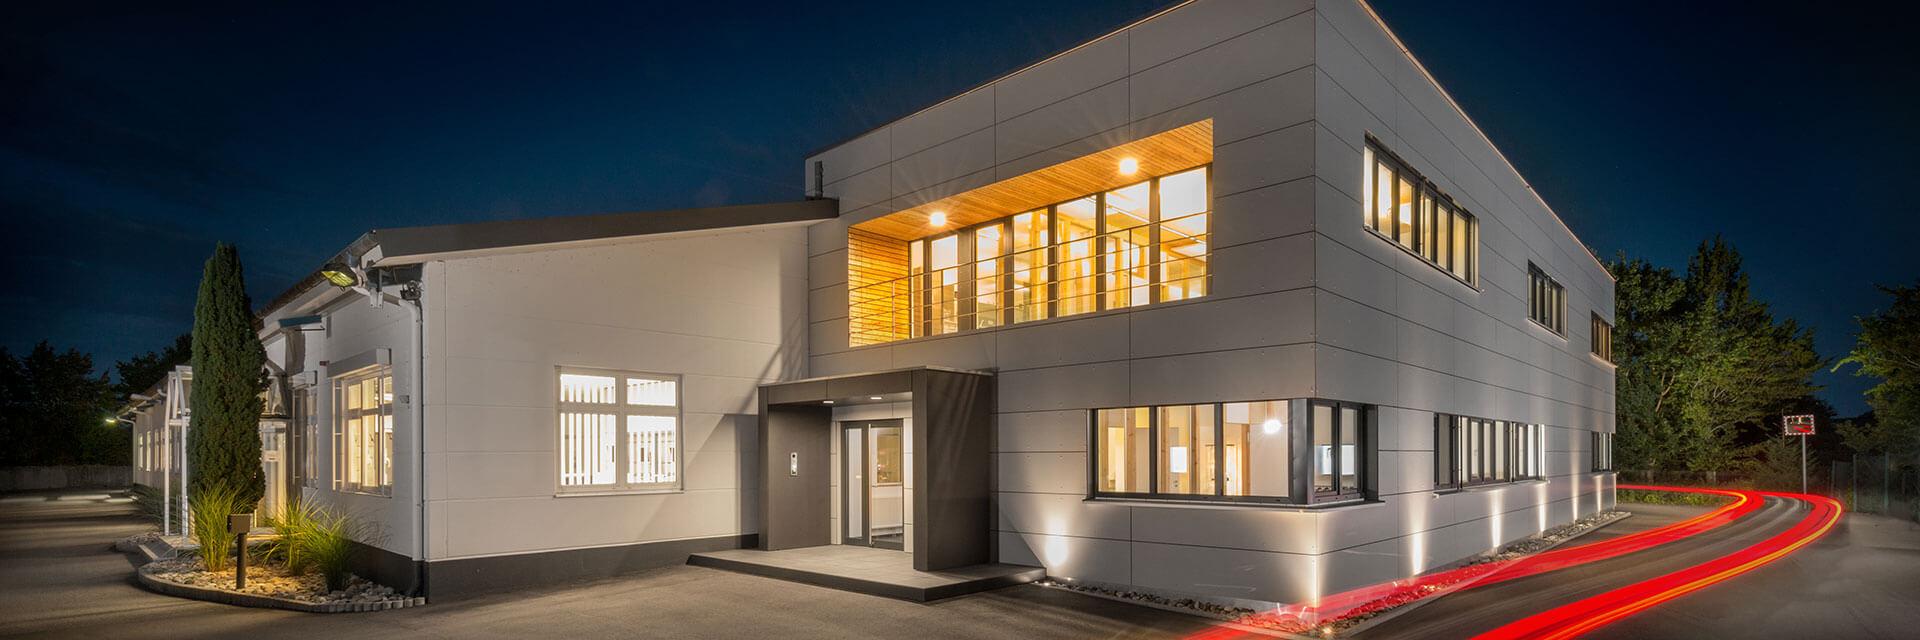 Firmengebäude von Mada bei Nacht